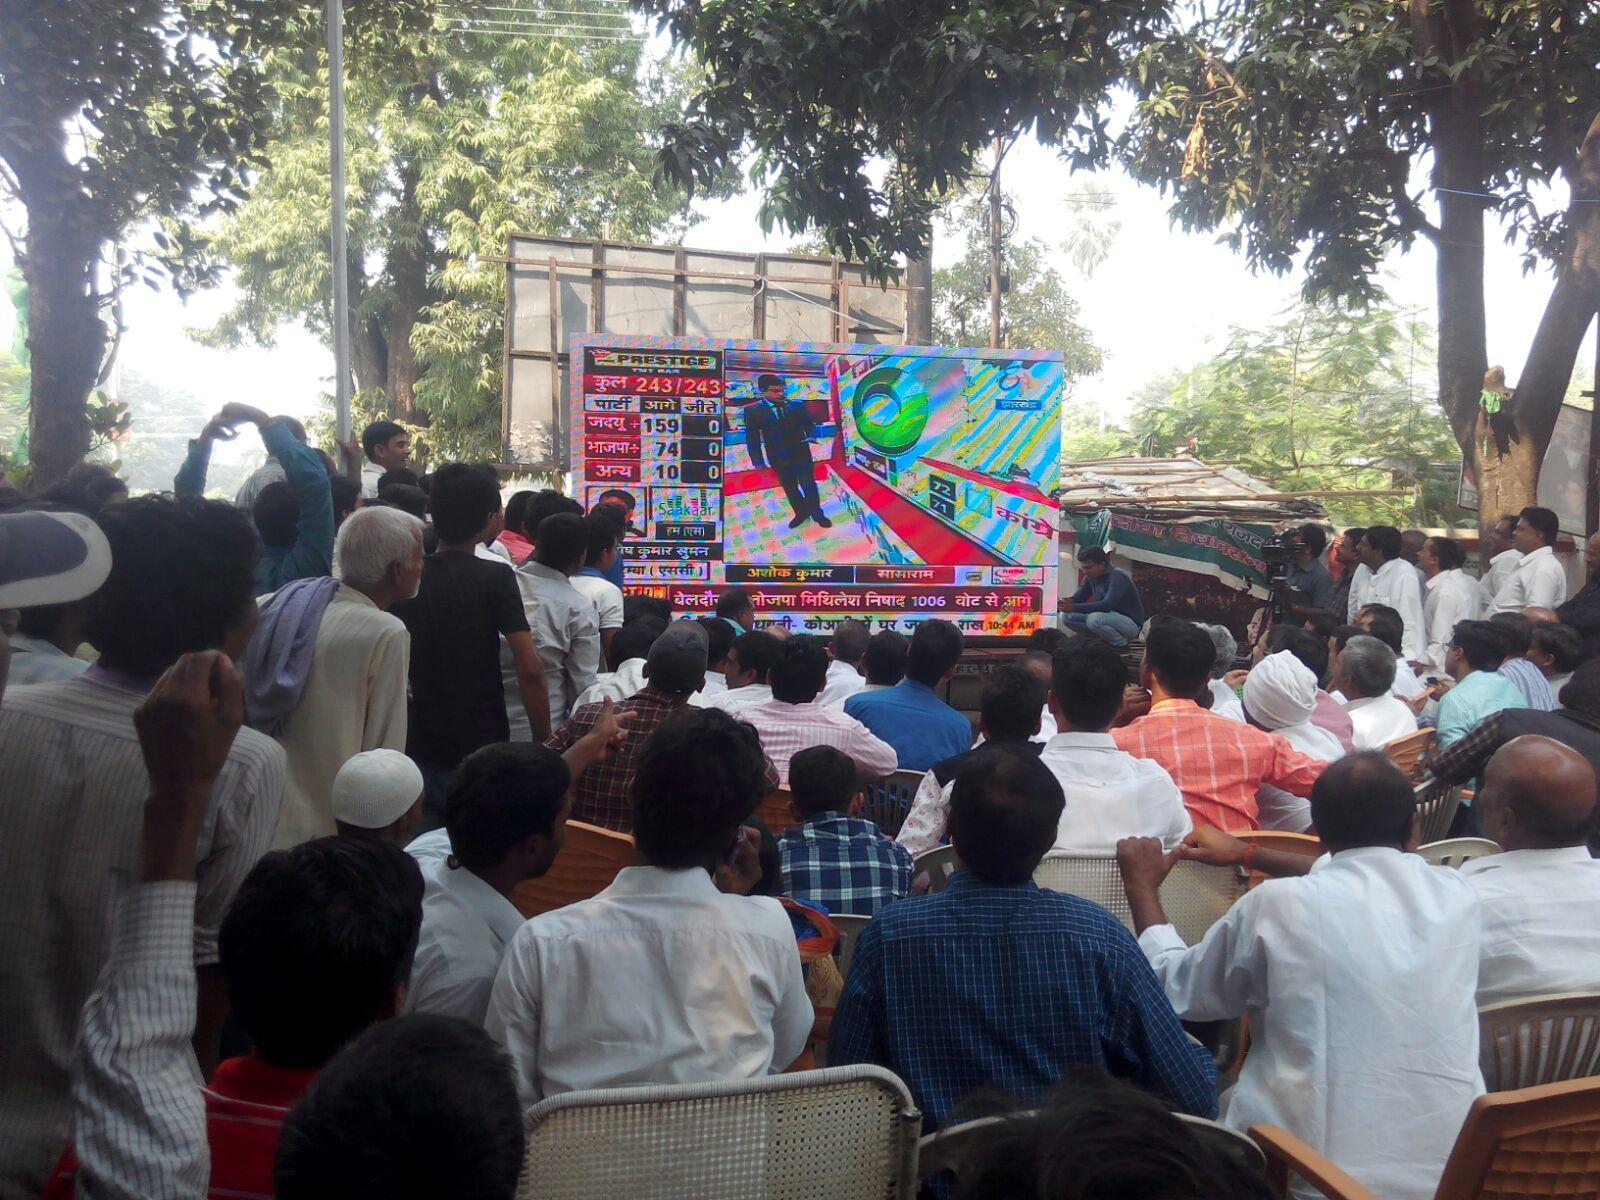 PICS : मिठाई, गुलाल और जीत का दावा, पटना में राजद समर्थकों का उत्साह